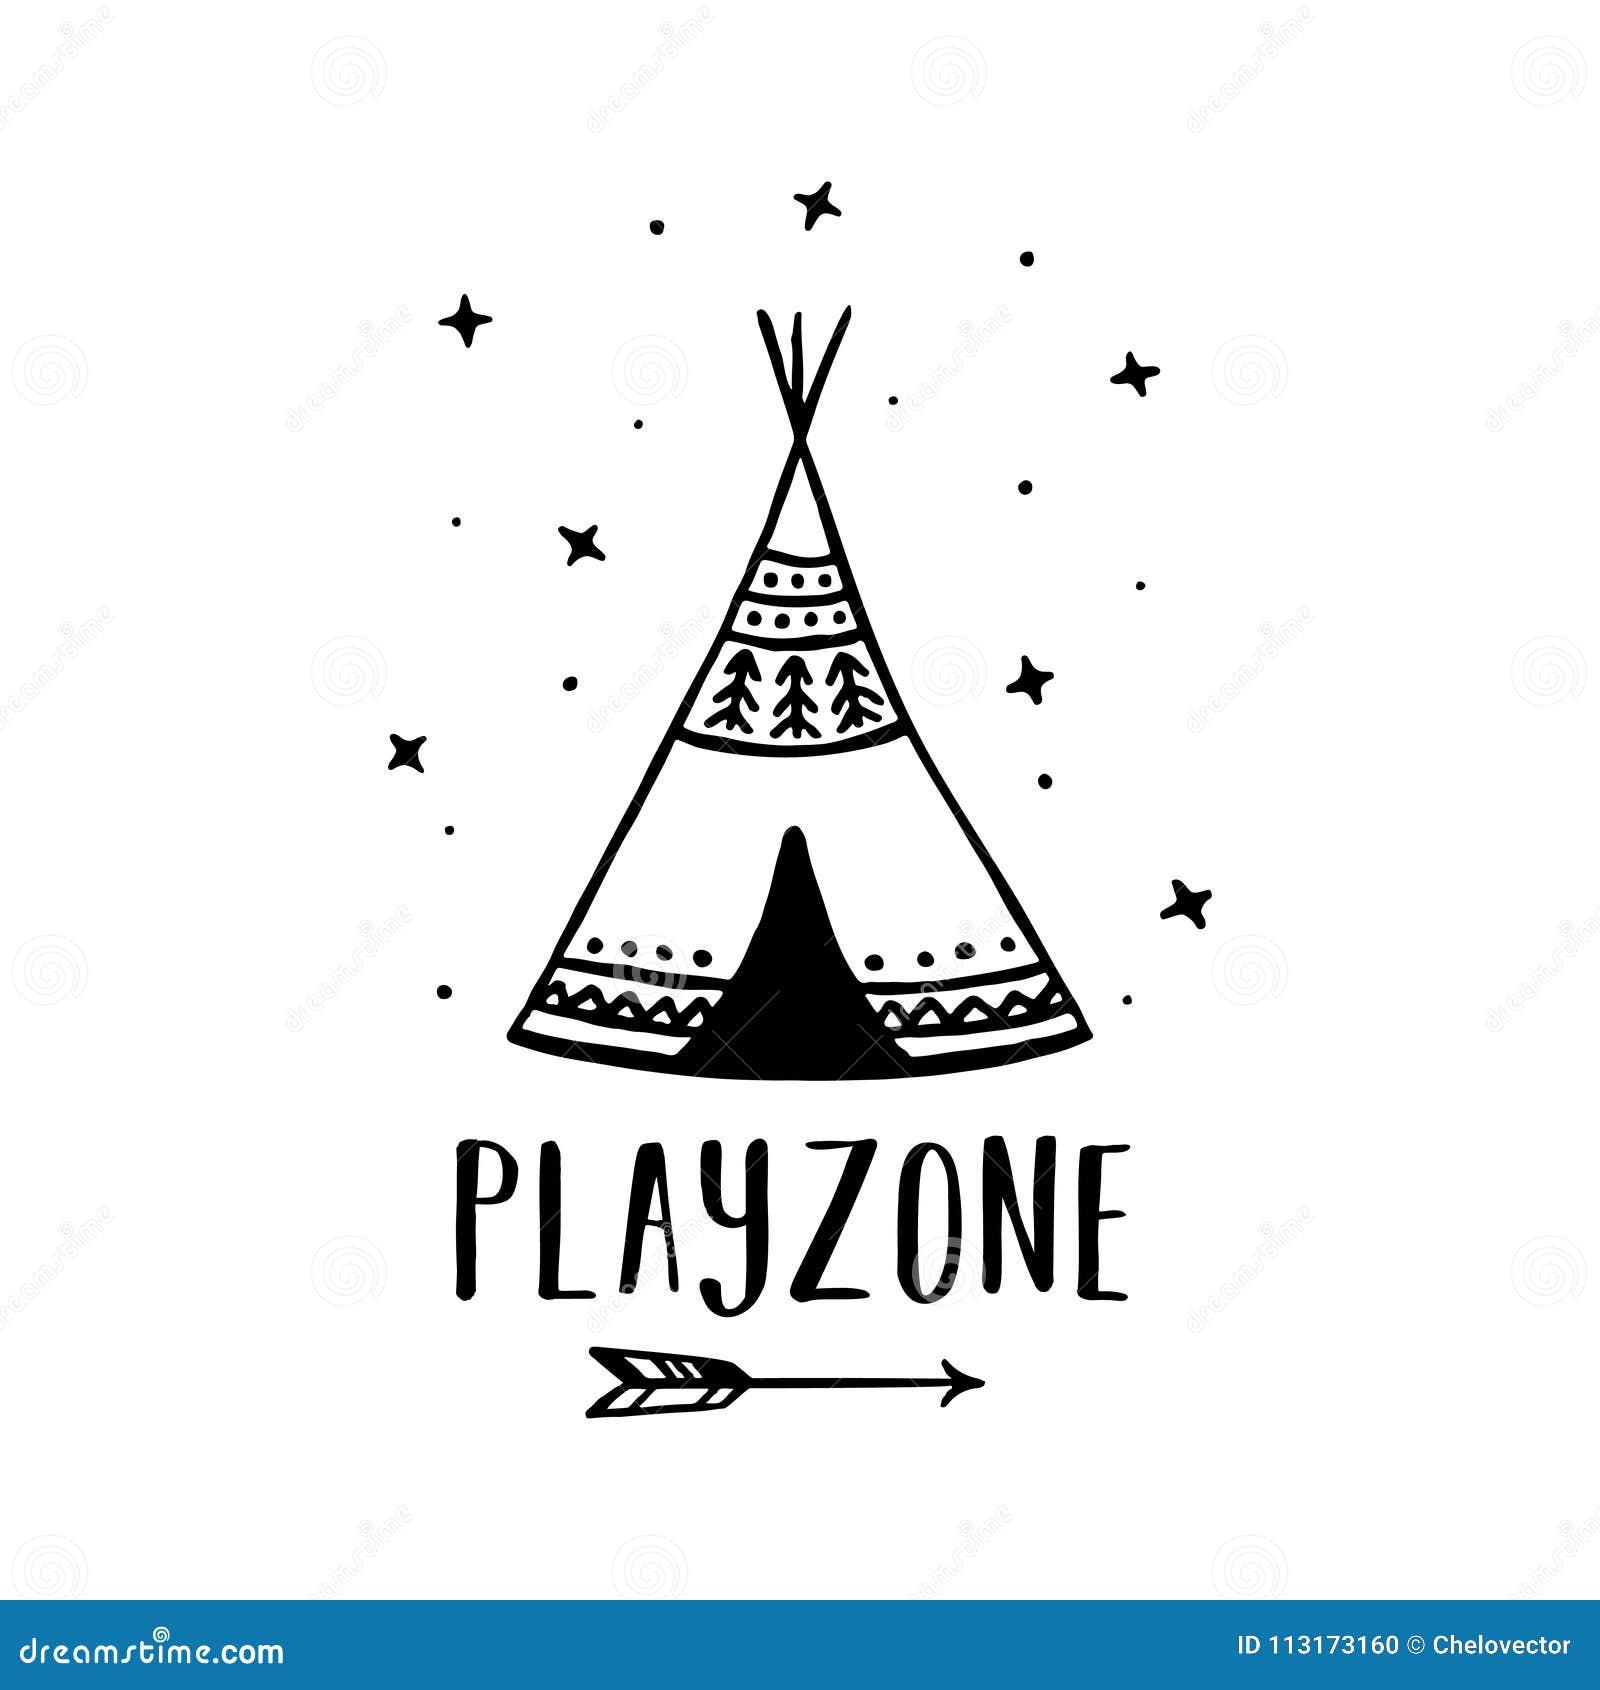 Affiche Tiree Par La Main De Style Scandinave De Playzone Illustration De Vecteur Illustration De Vecteur Illustration Du Playzone Style 113173160